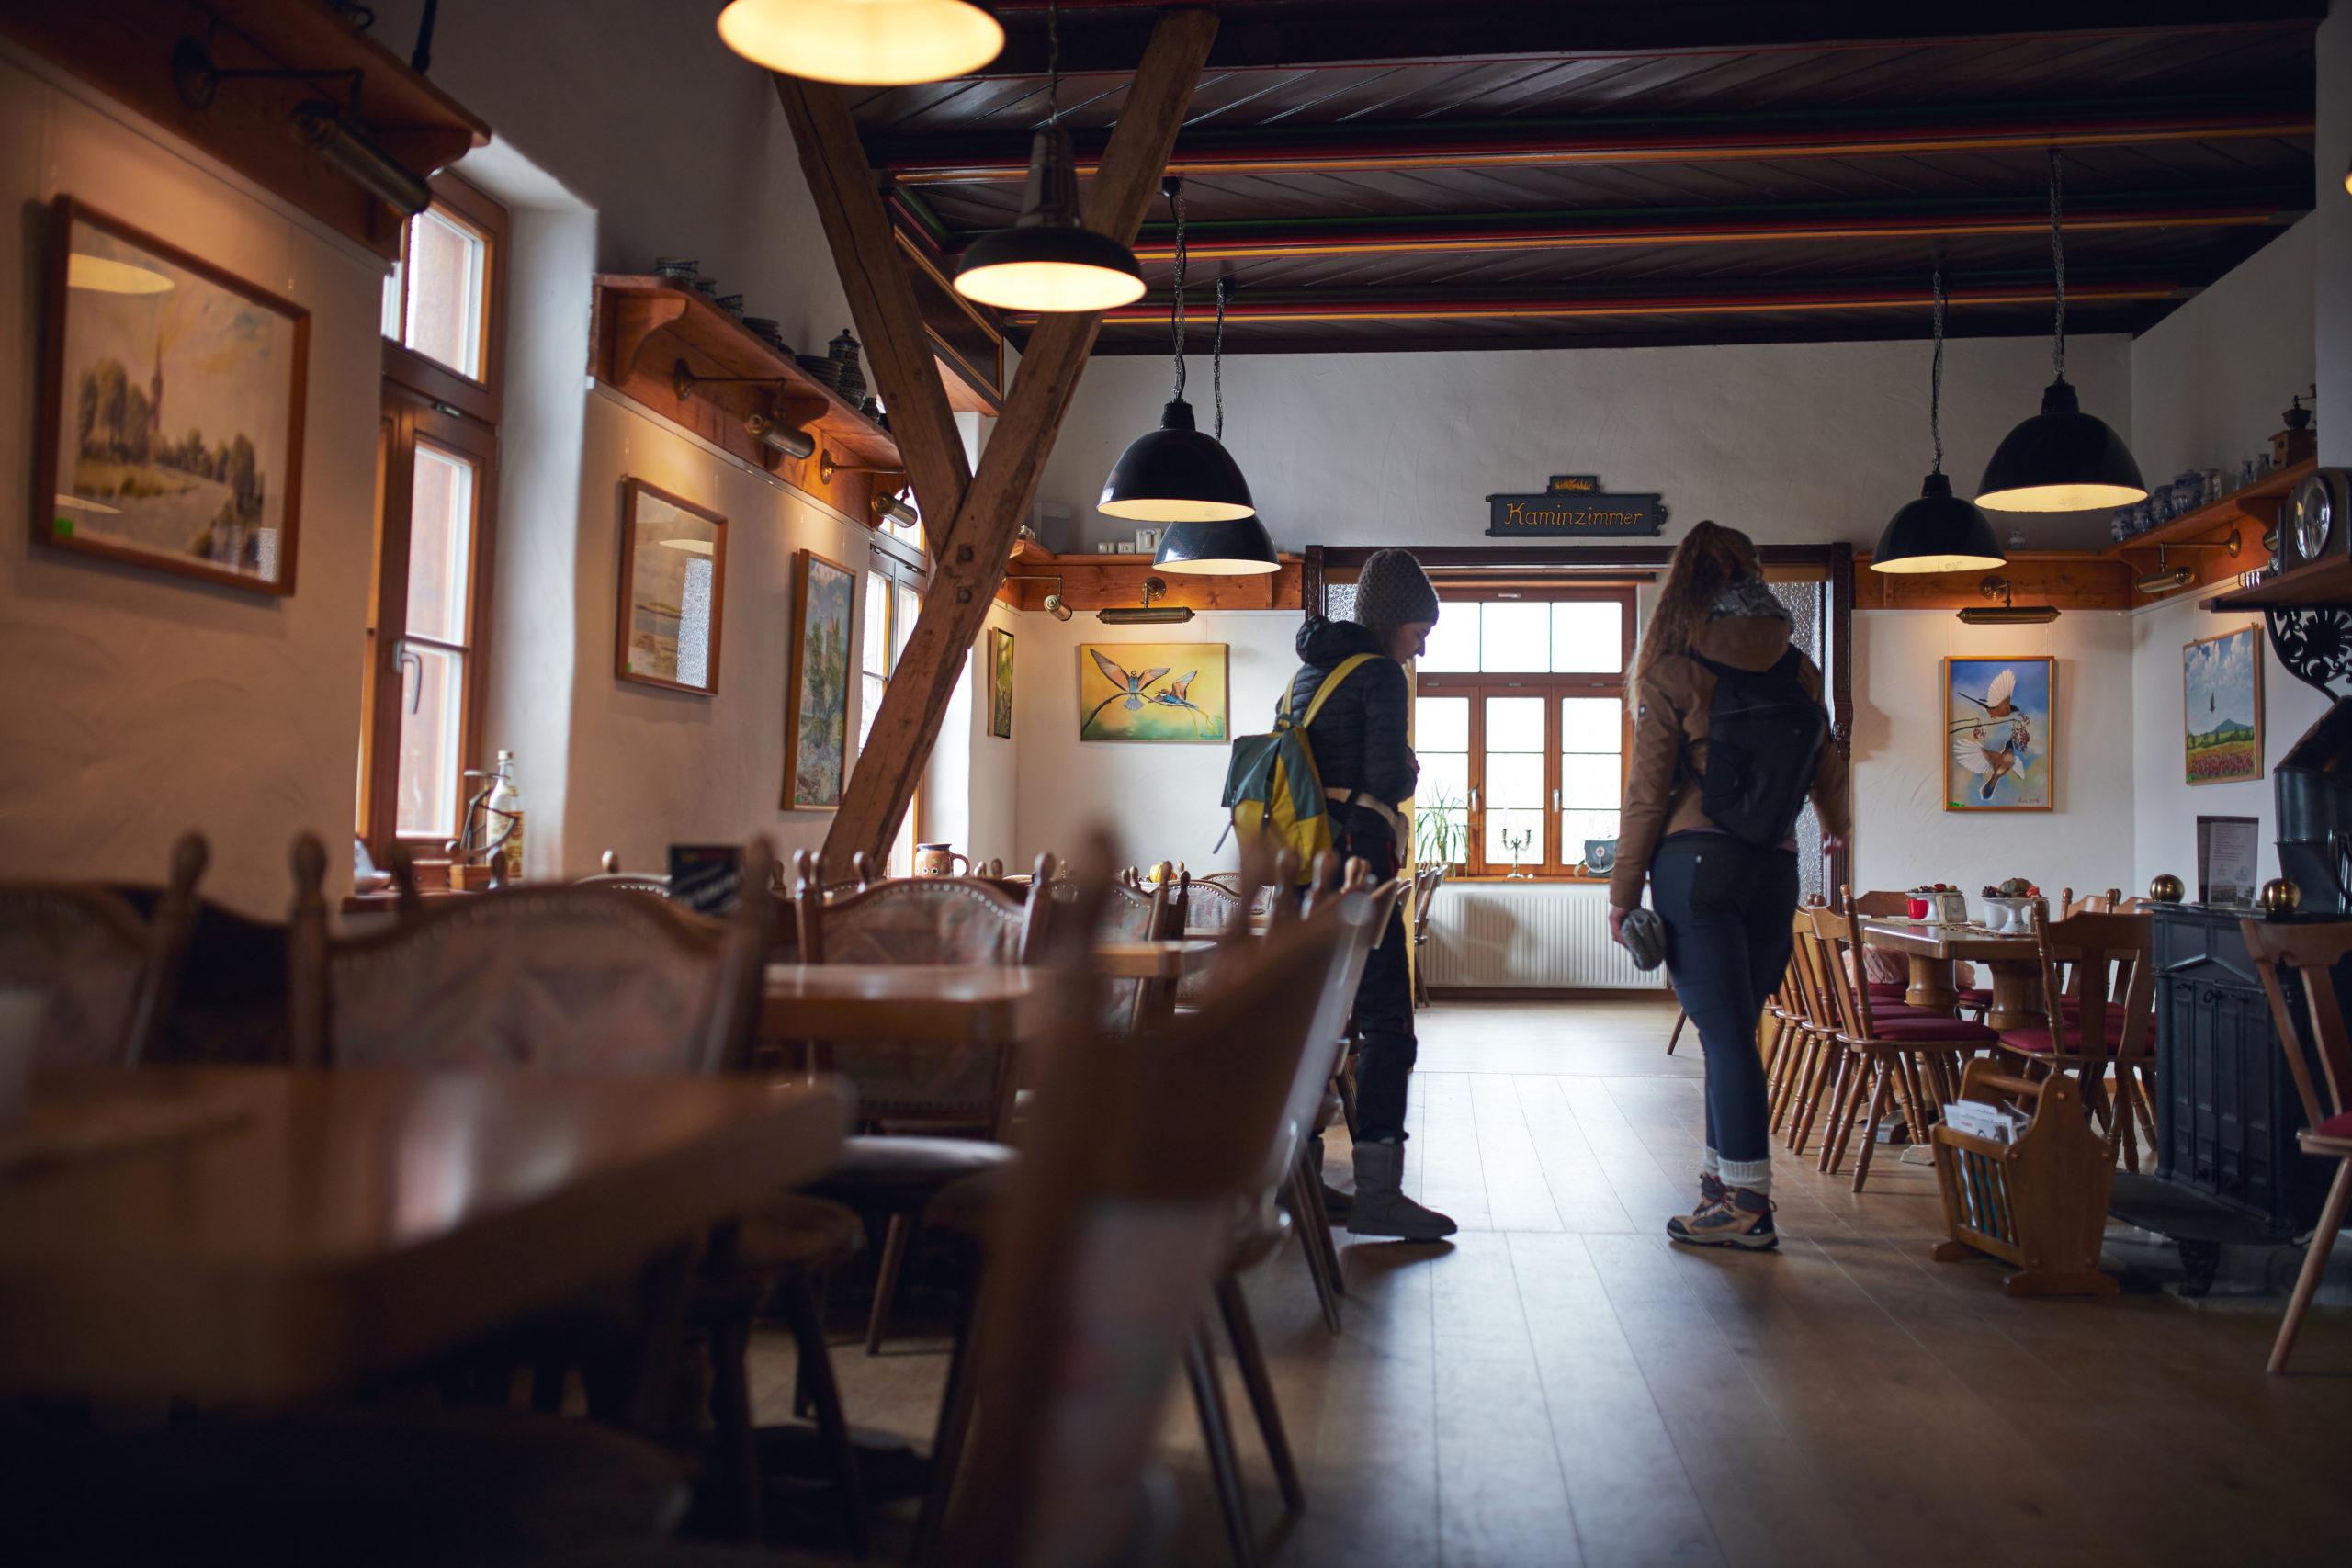 Marita-und-Sara-in-der-Gaststätte-Harburg-im-Harz-in-Wernigerode